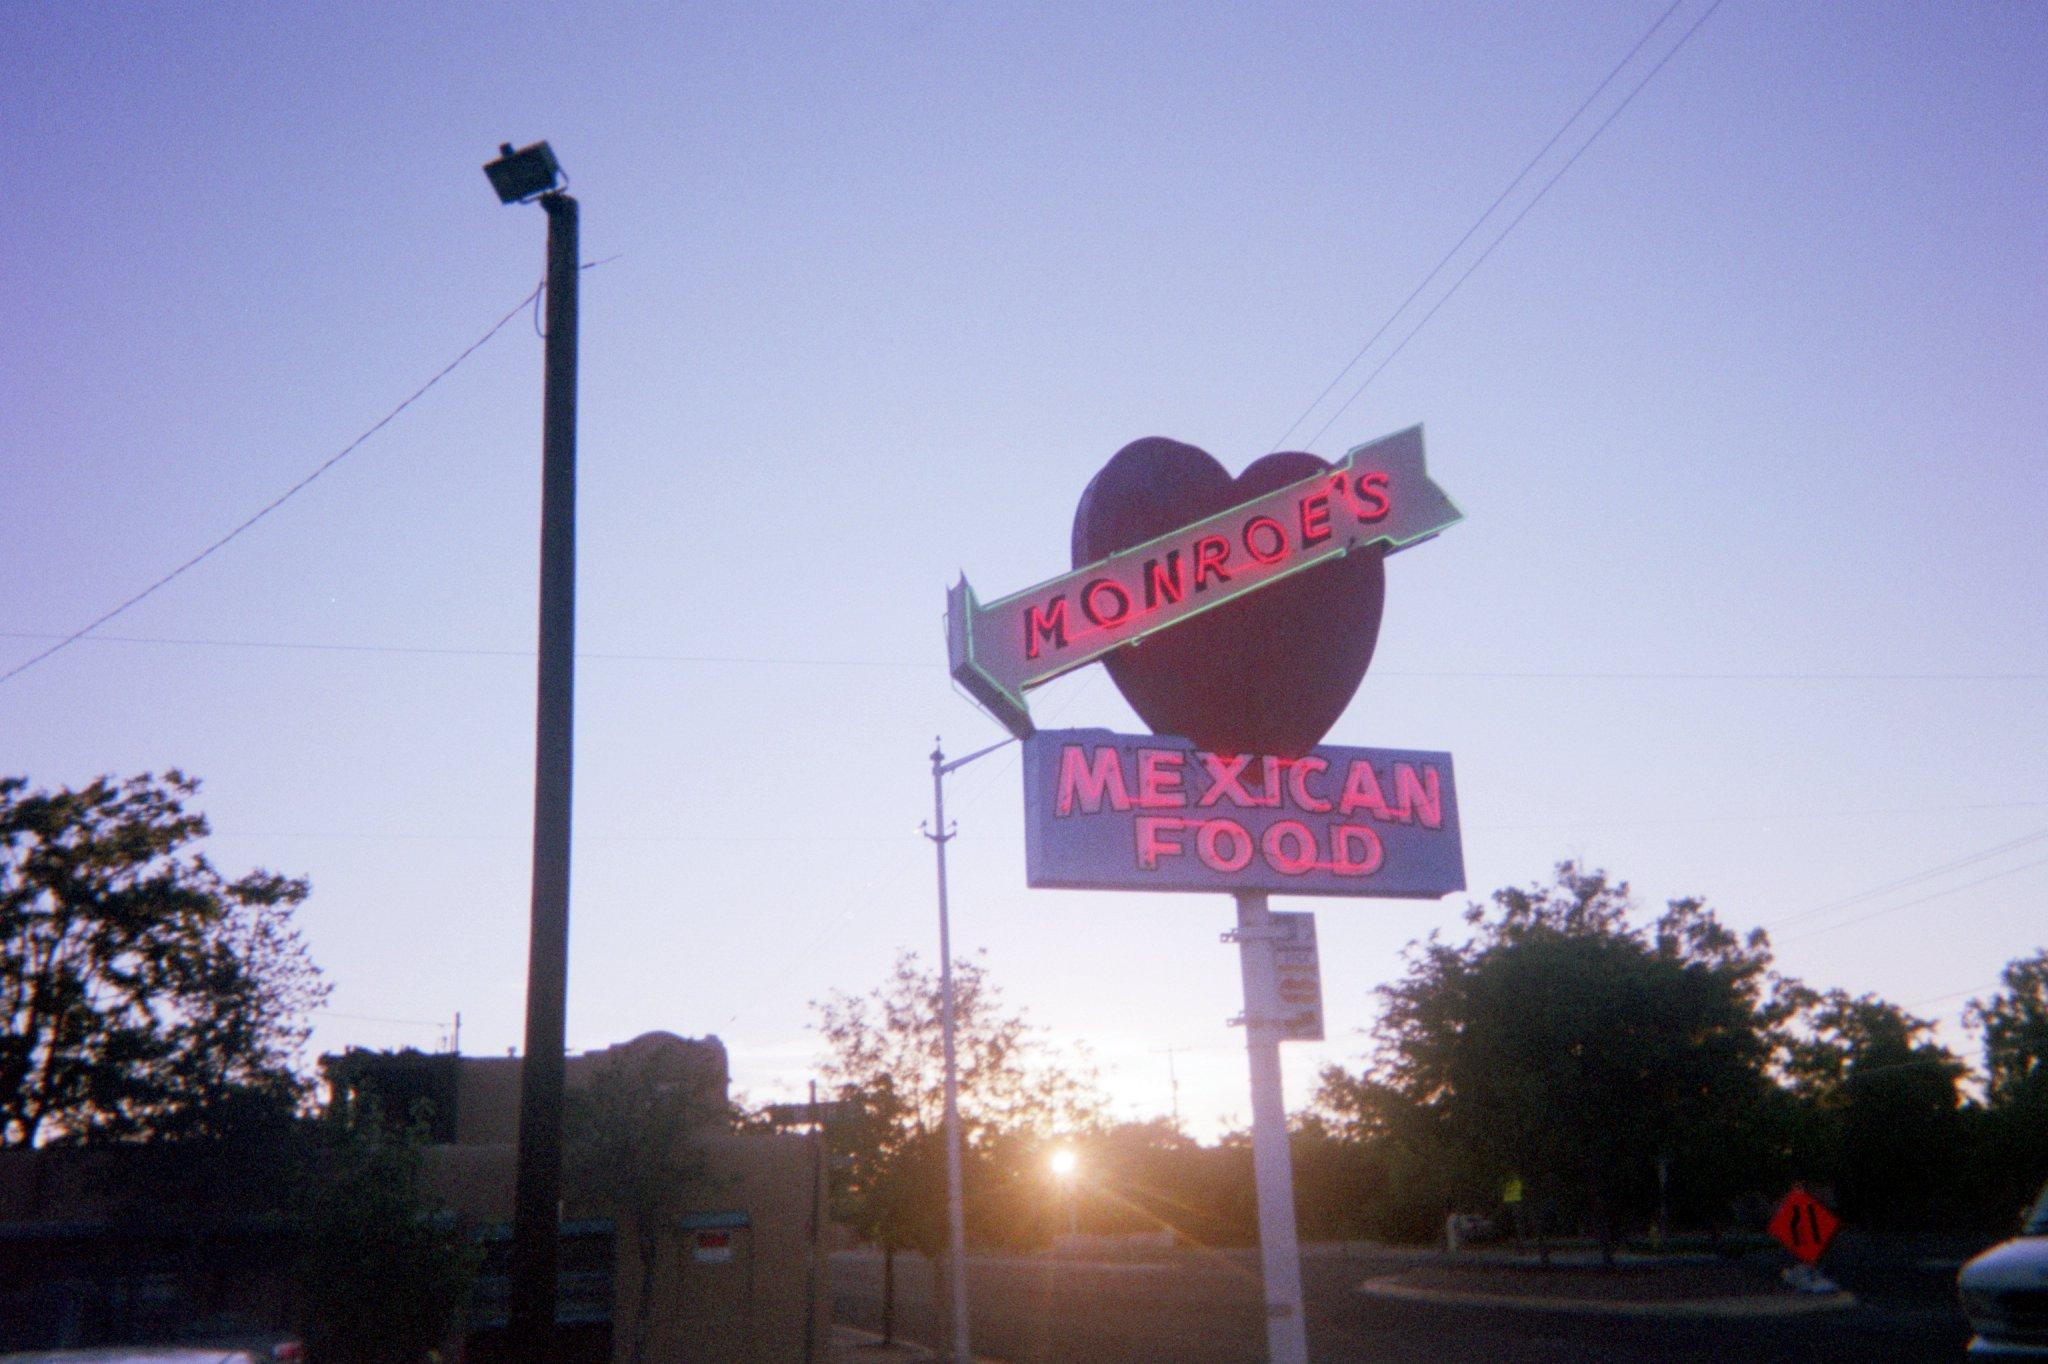 Monroe's in Albuquerque, 2017